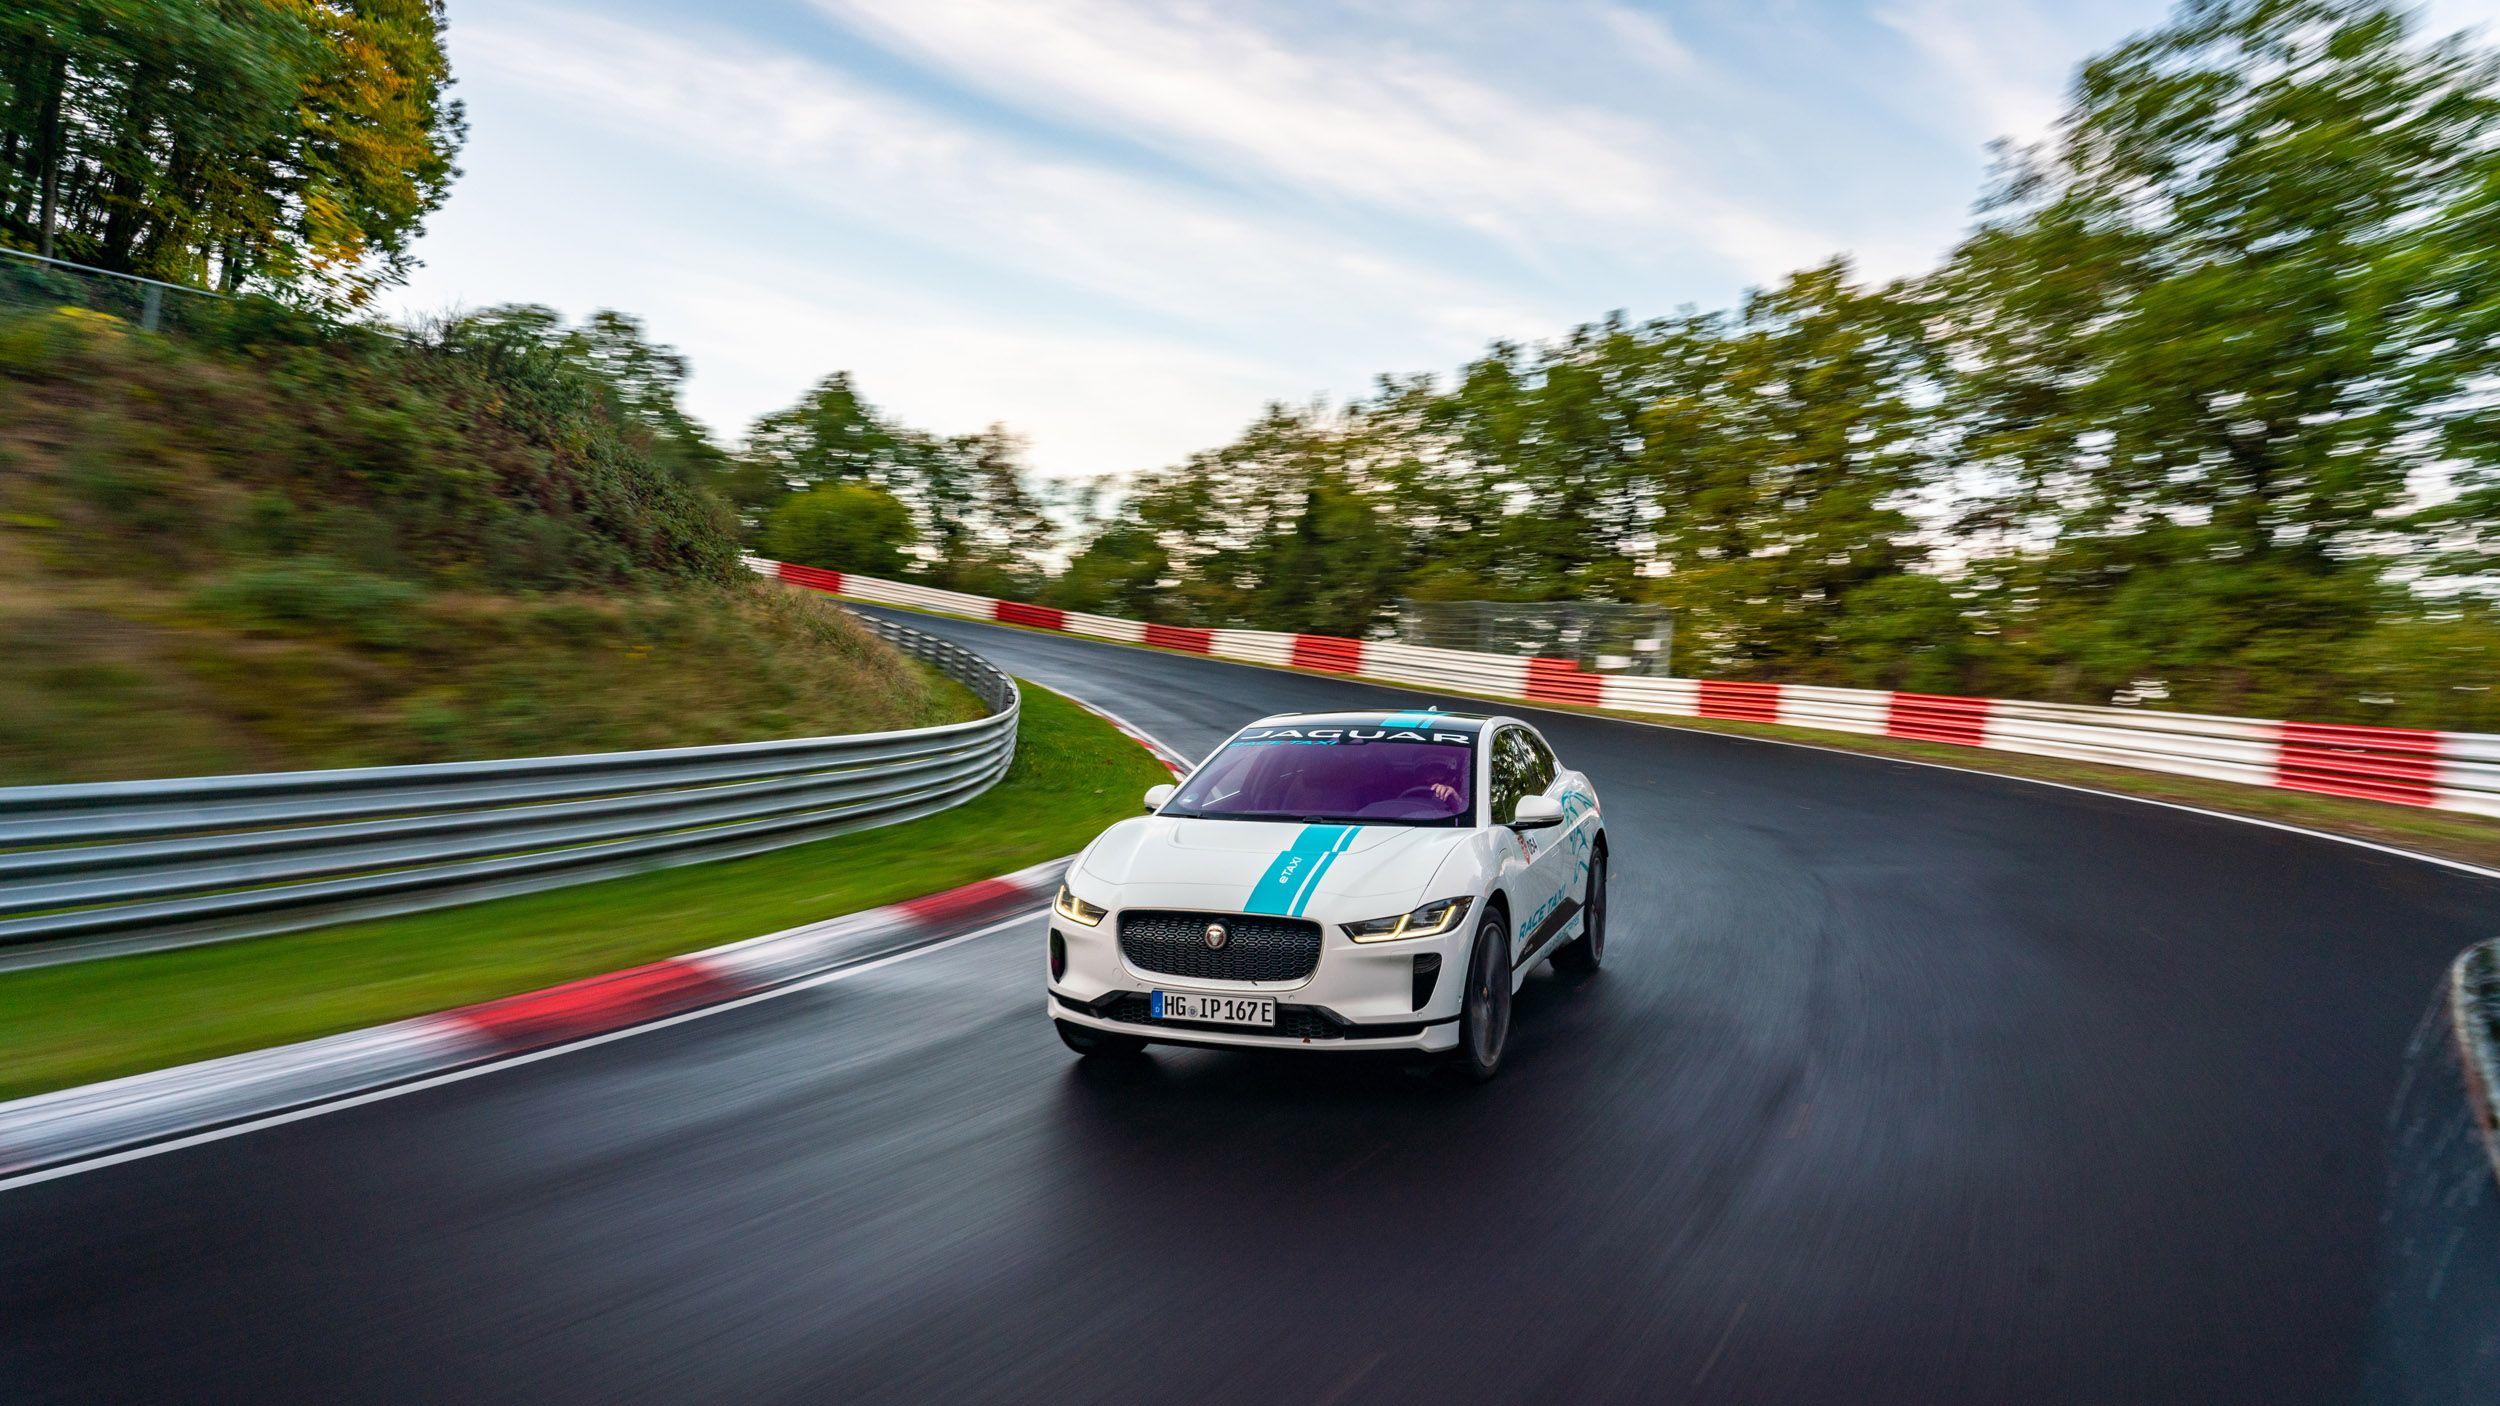 Jaguar Offering I Pace Nürburgring Hot Laps For 164 Car Experience Electric Crossover Jaguar